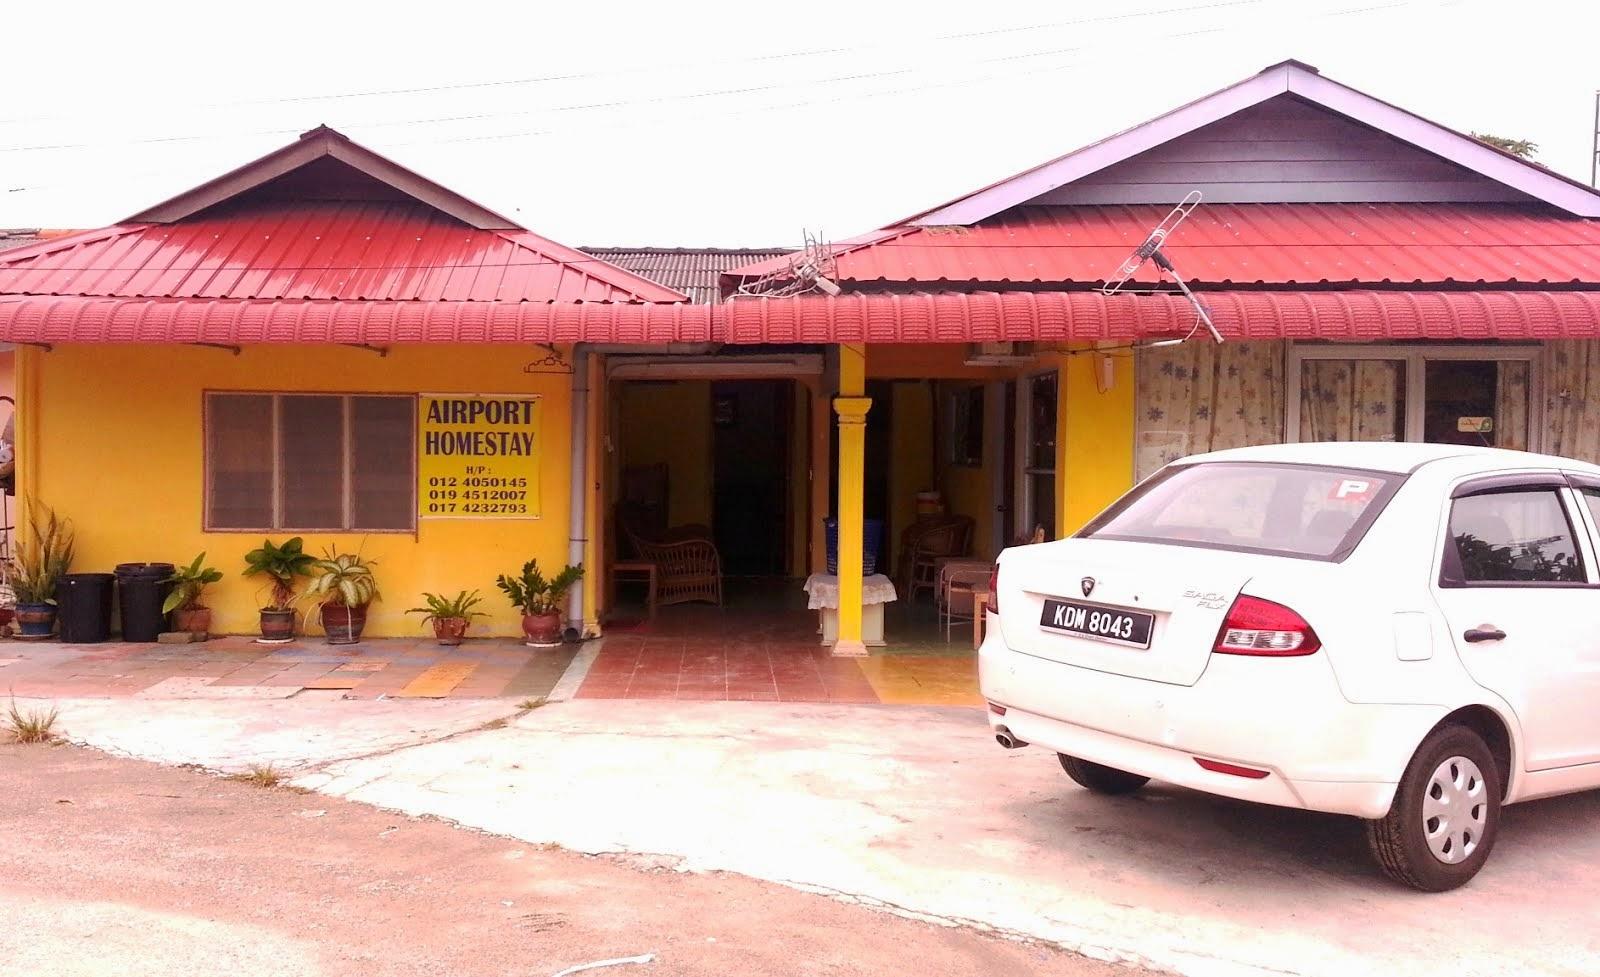 LANGKAWI AIRPORT HOMESTAY / INAPAN